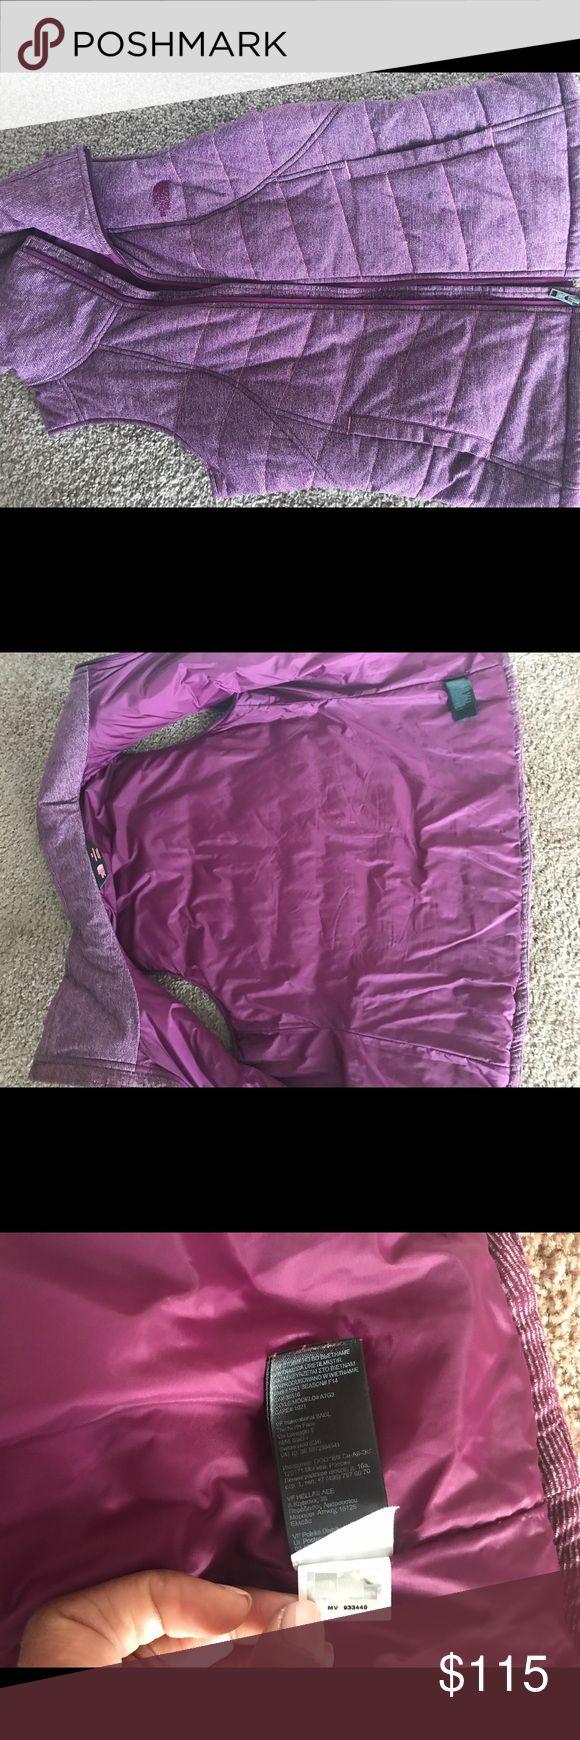 Woman's north face vest Purple woman's north face vest worn twice with north face fleece North Face Jackets & Coats Vests